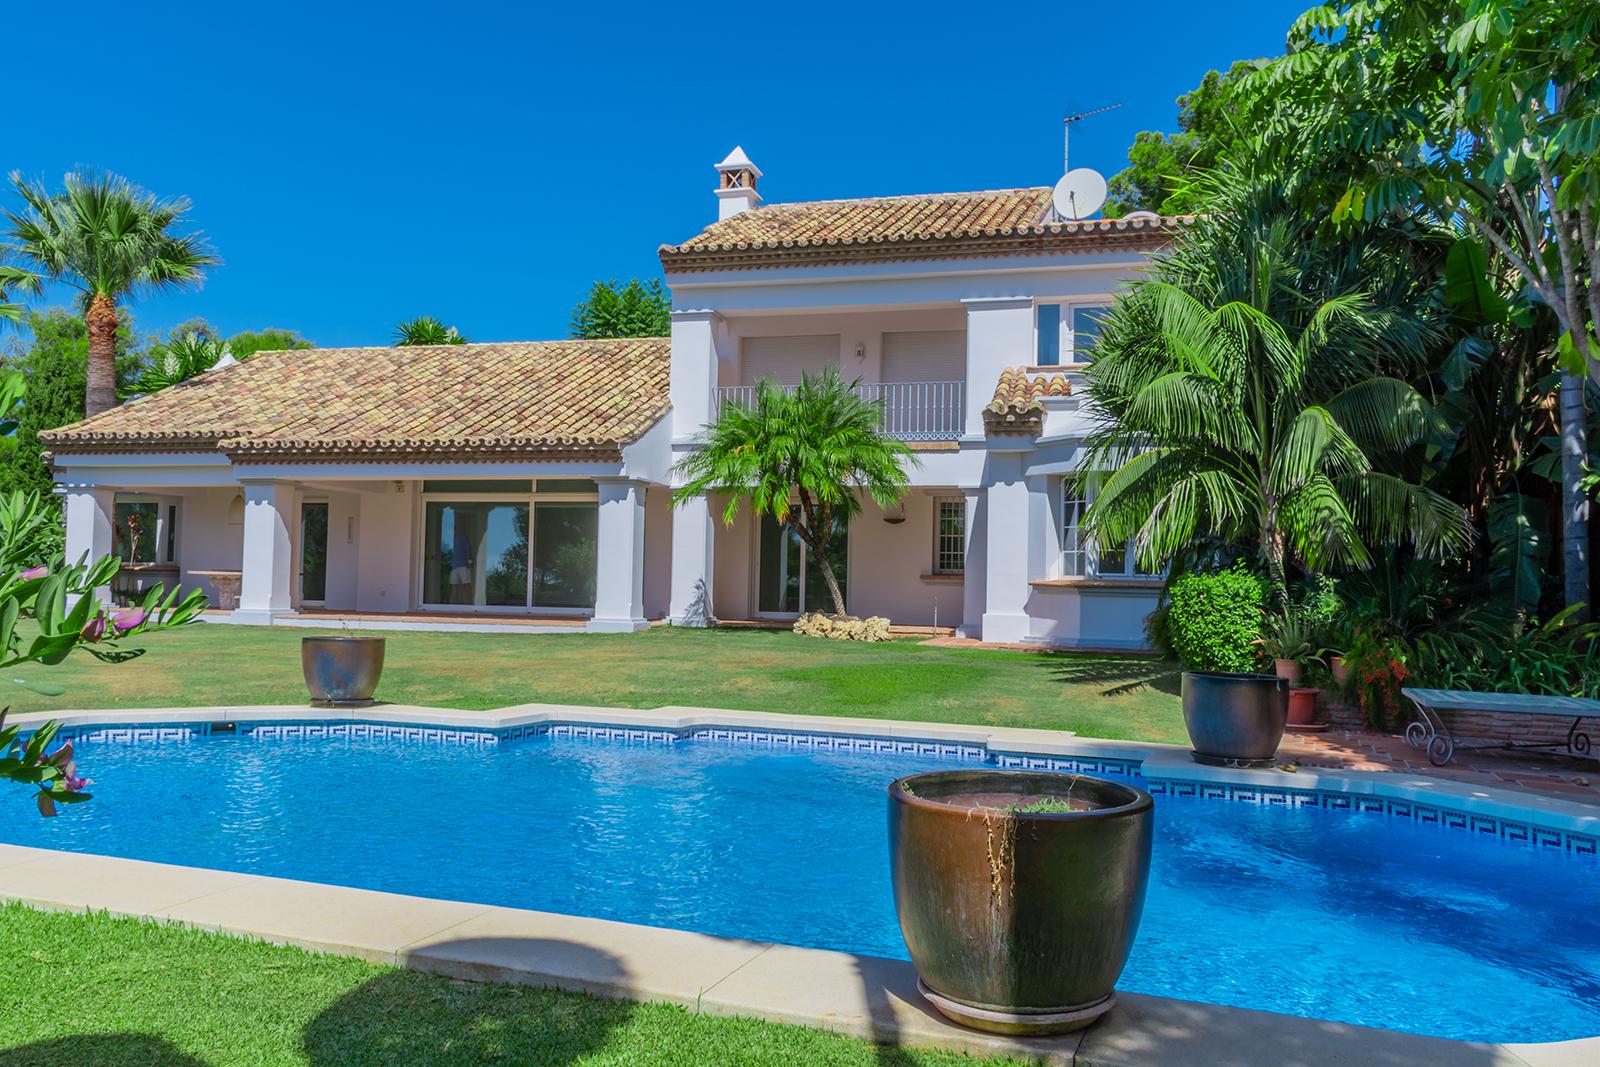 Luxury Contemporary 5 bedrooms Villa in Secured Complex in Altos Reales